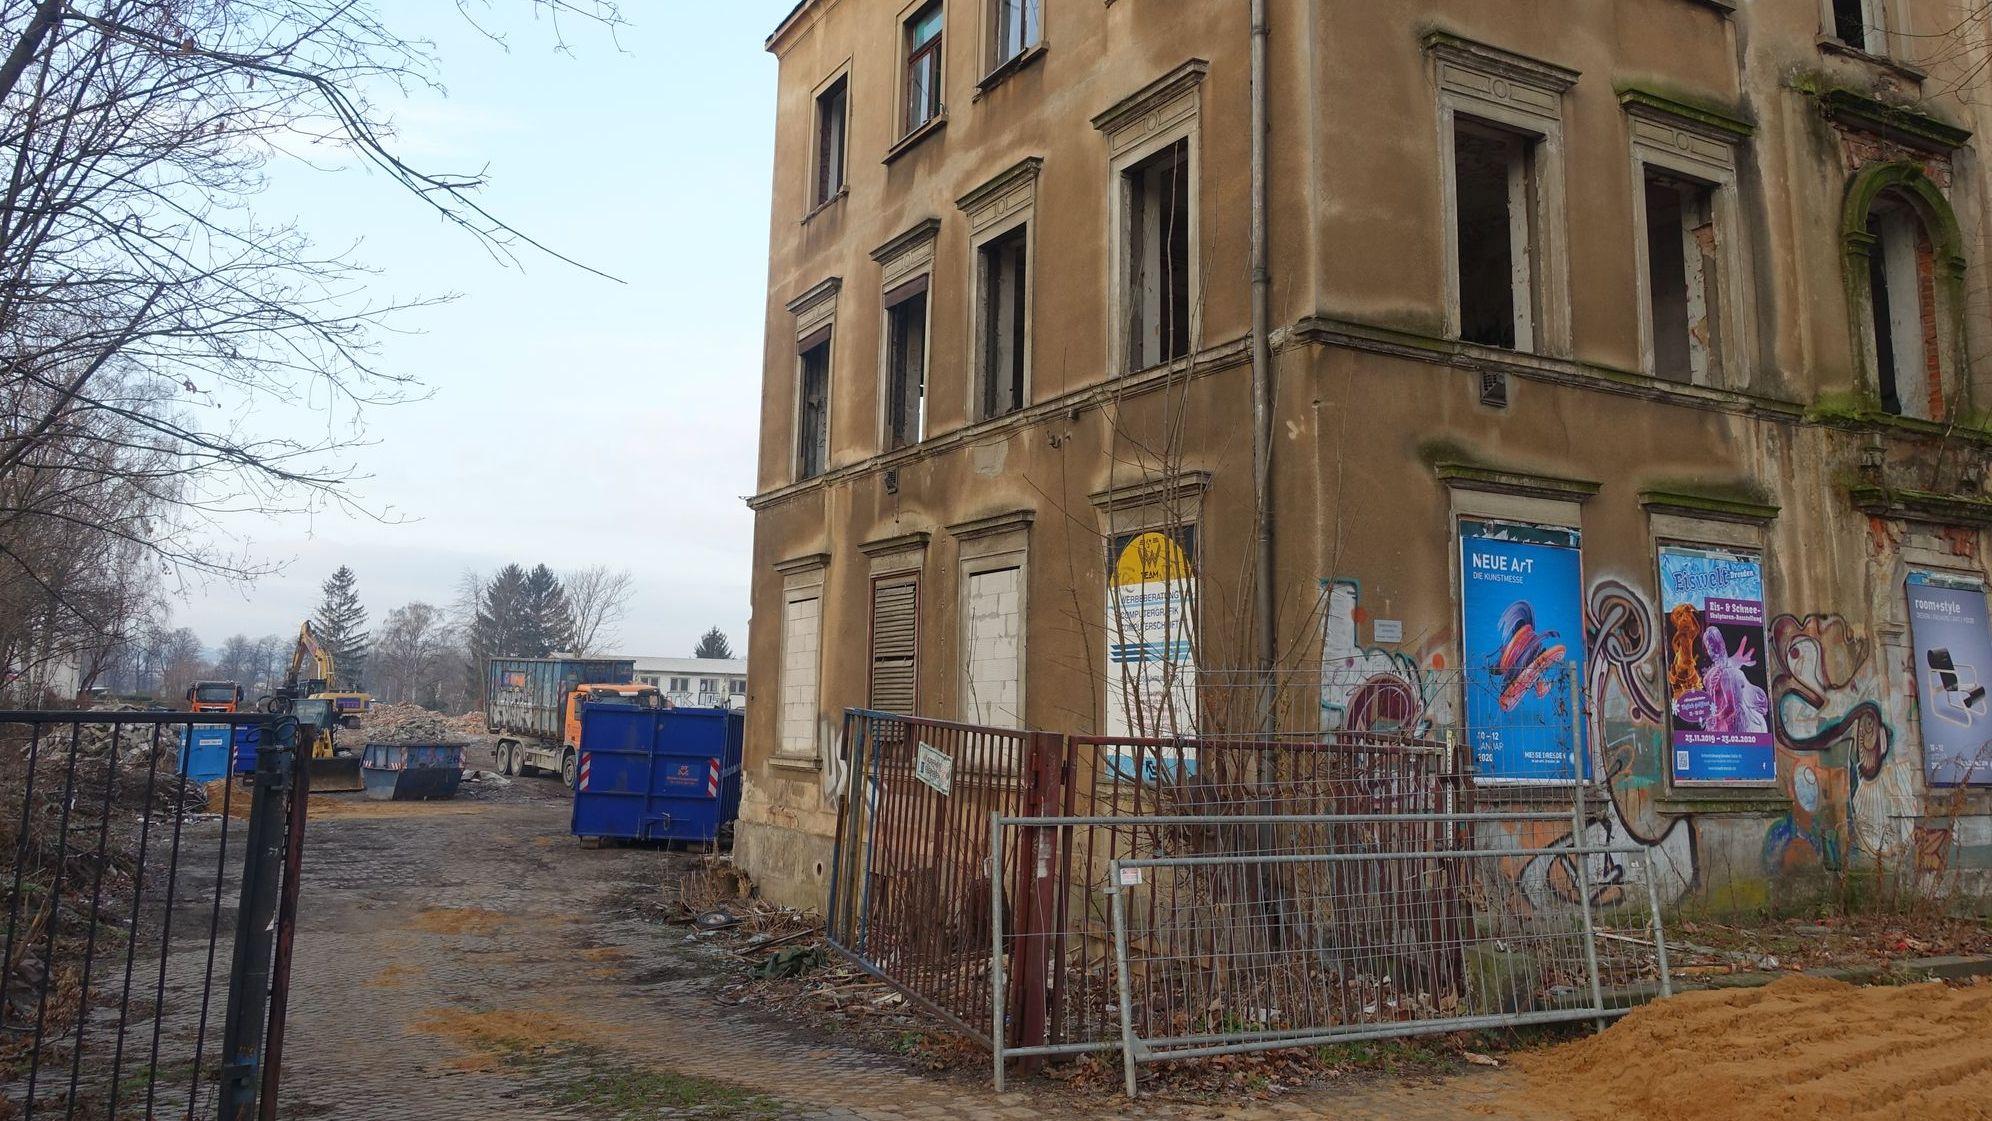 Das Haus an der Leipziger Straße 33a wird abgerissen. Foto: W. Schenk